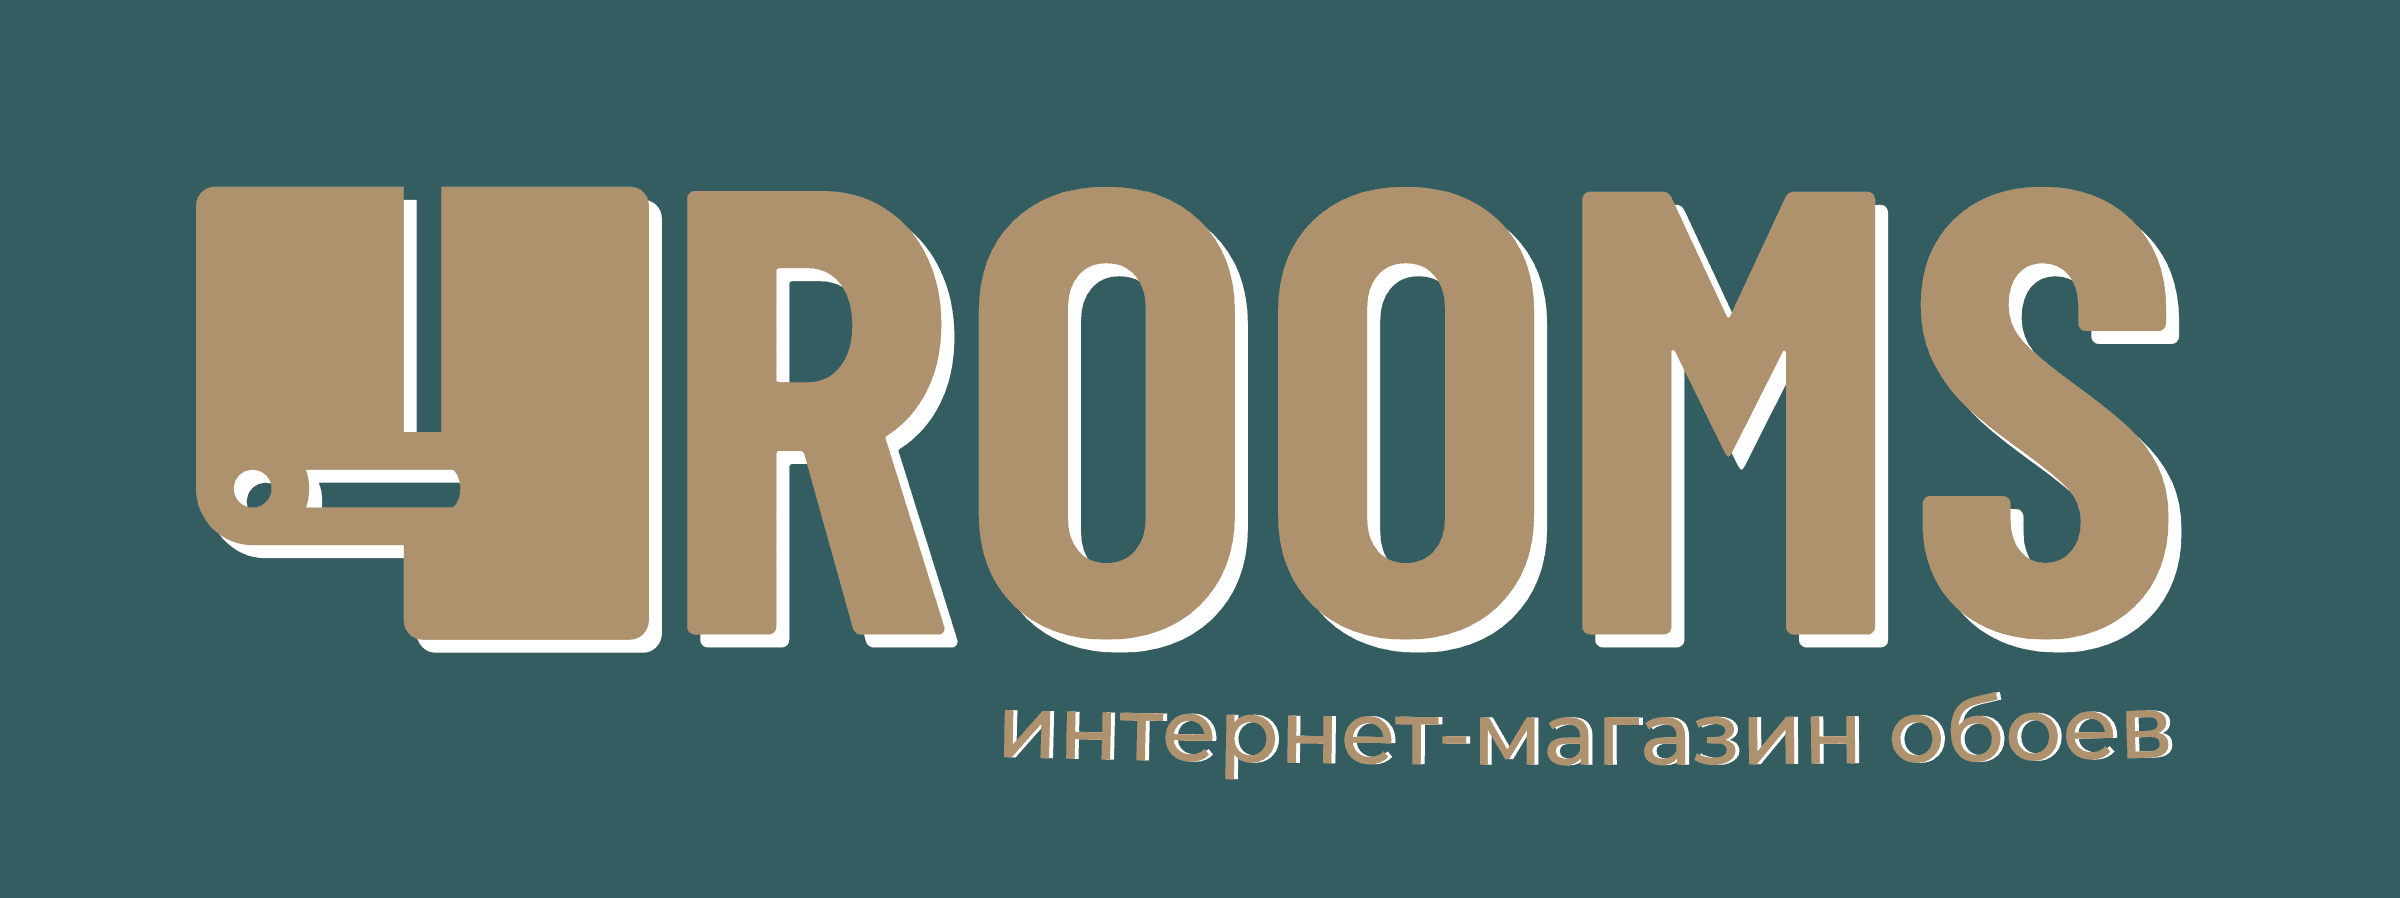 Интернет-магазин обоев 4ROOMS